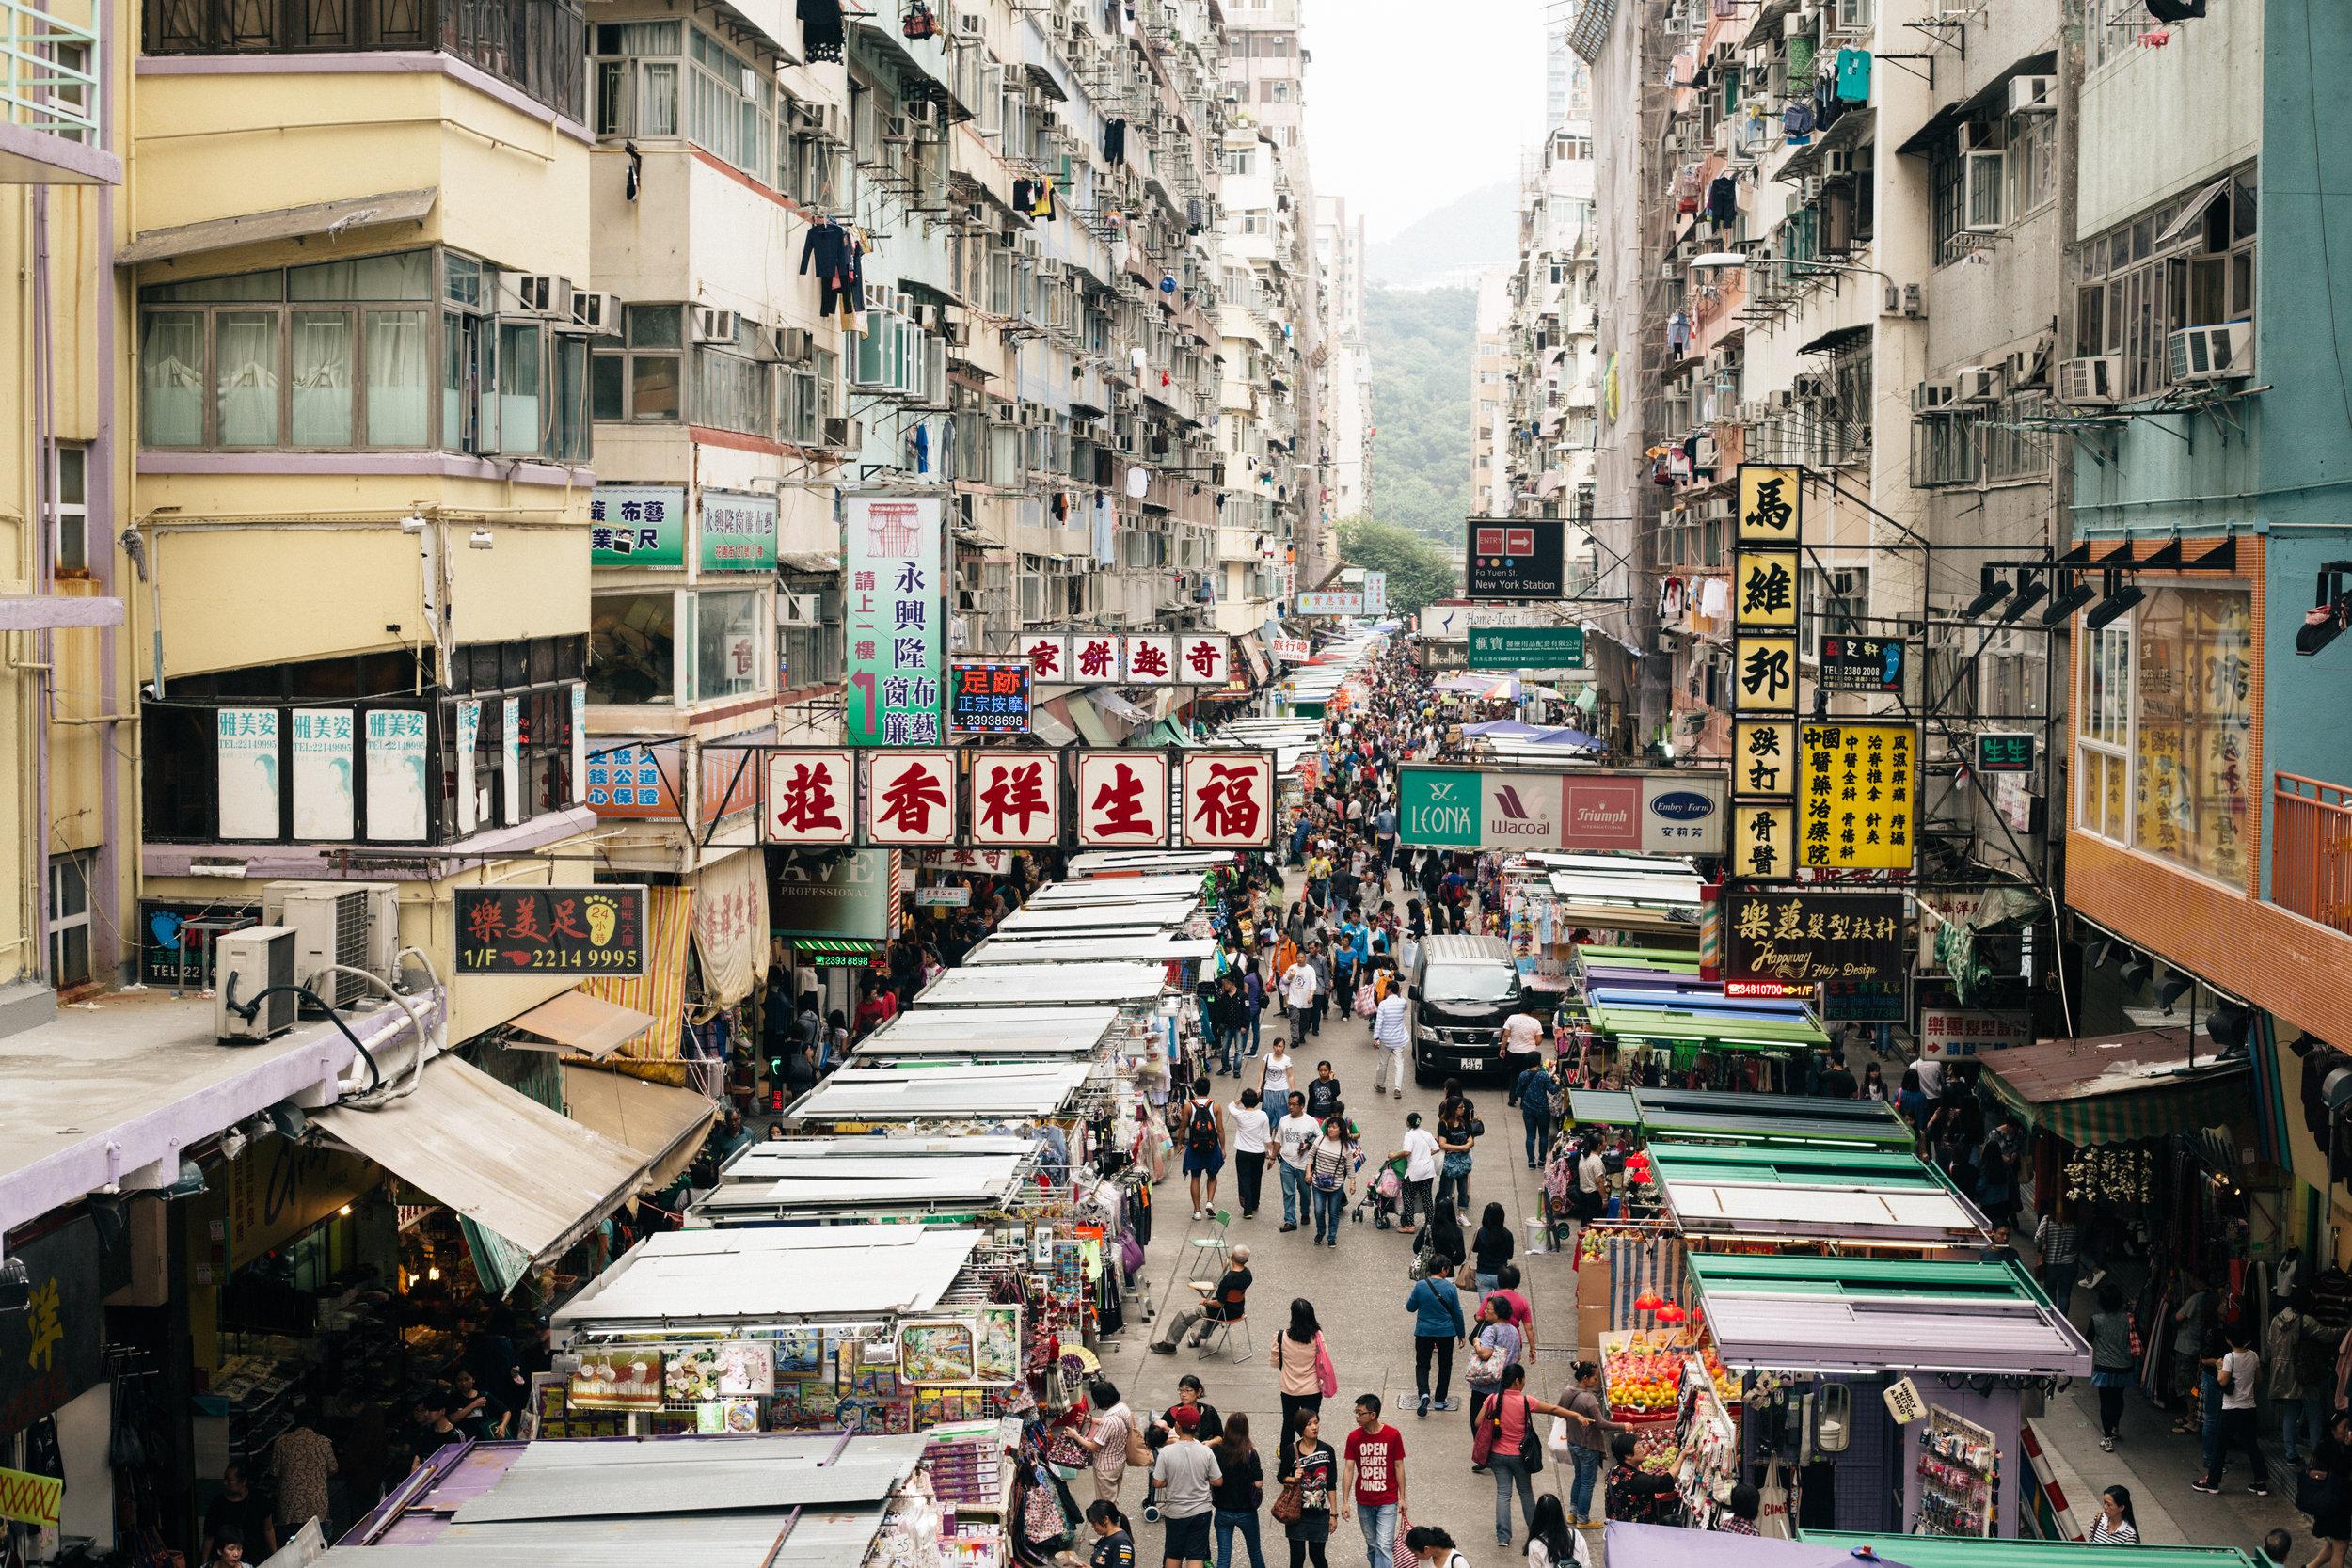 Fa Yuen Street Market in Mongkok, Hong Kong